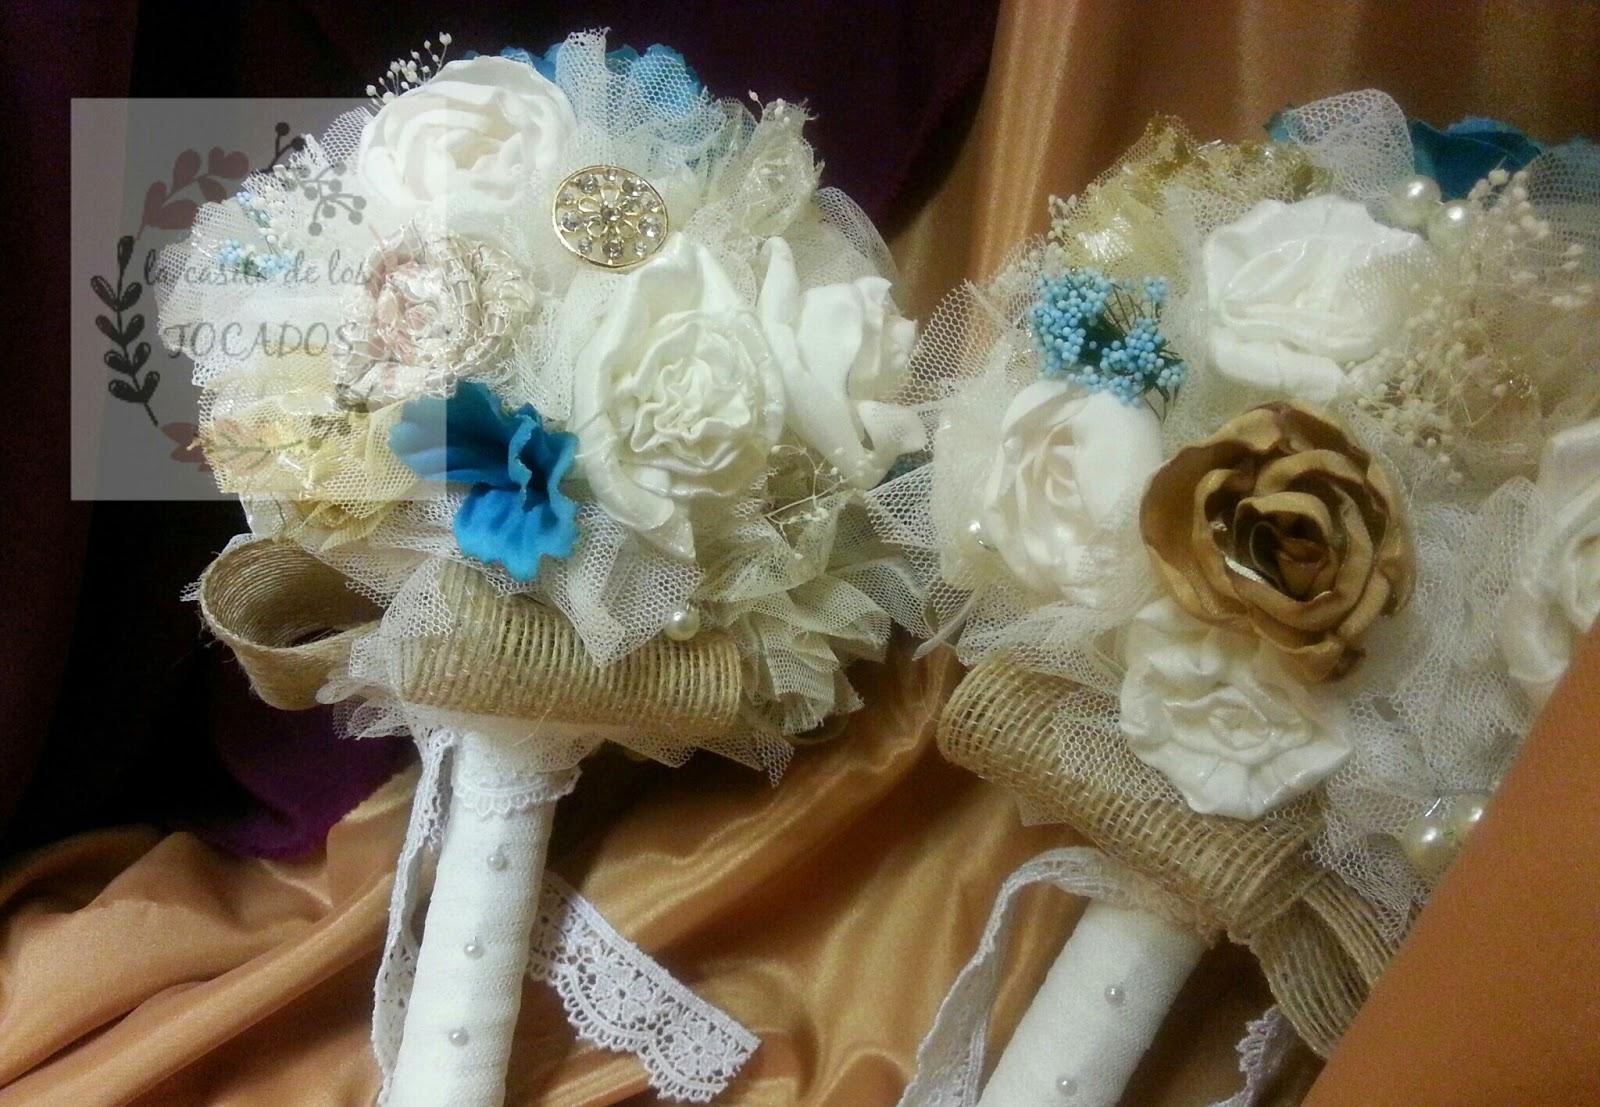 bouquets para boda en colores marfil, beige, dorado y turquesa